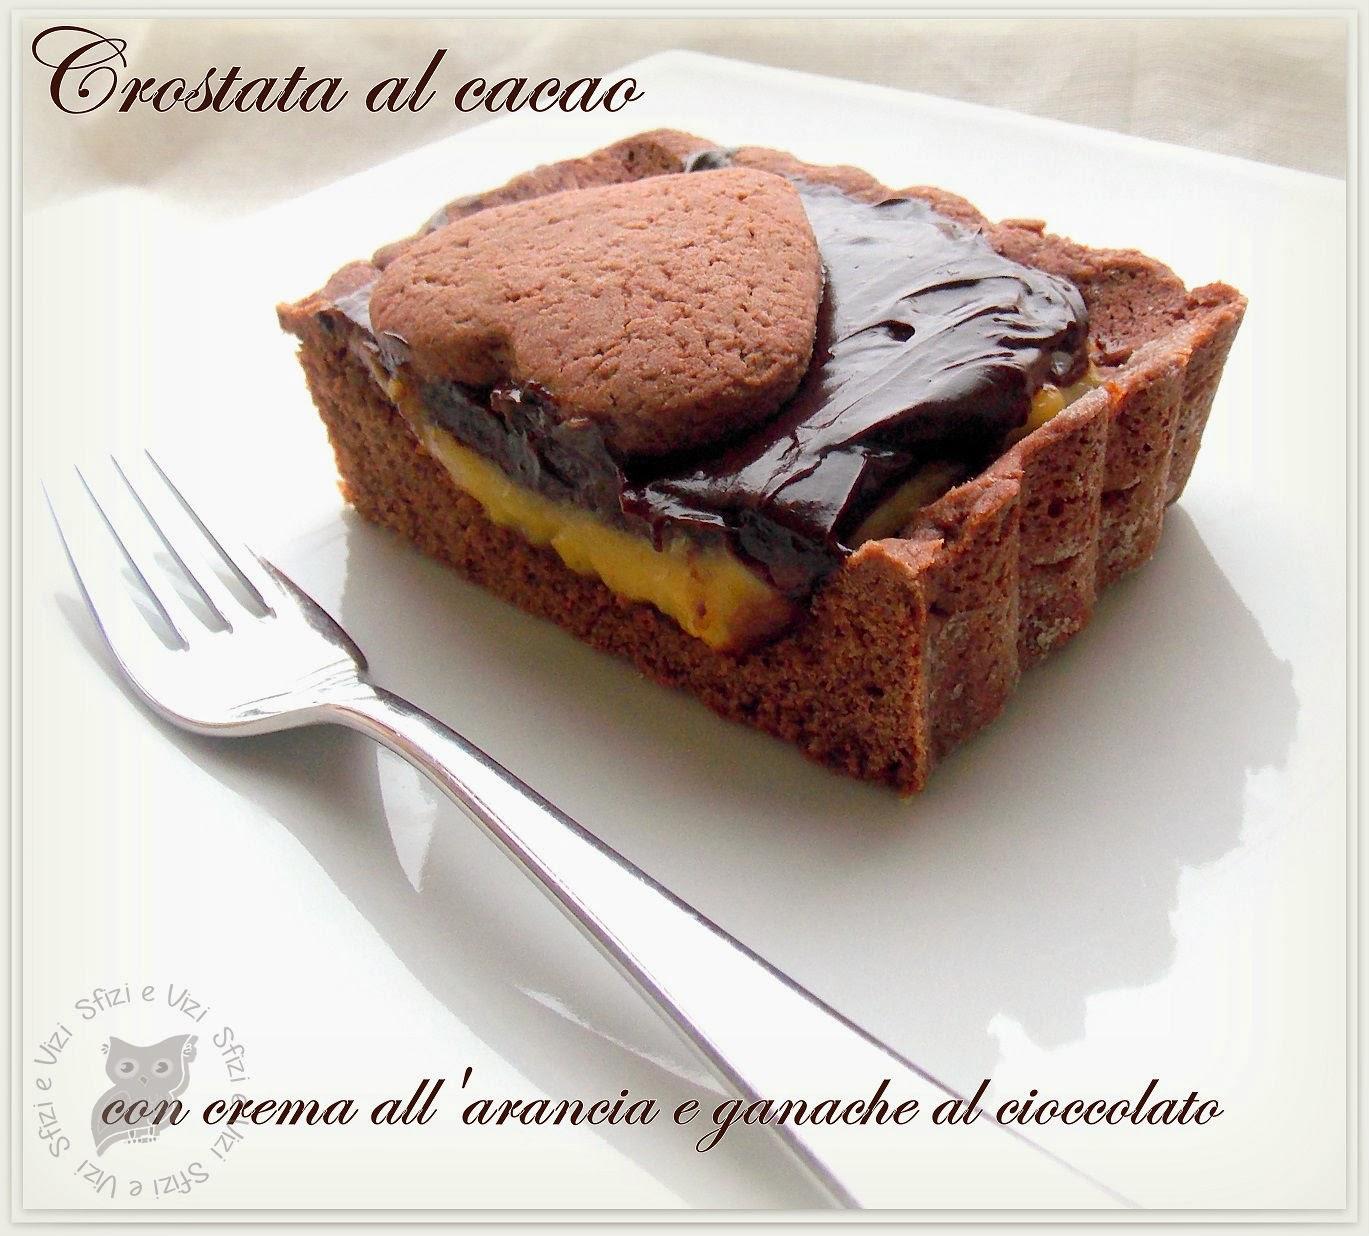 crostata al cacao di ernst knam con crema alle arance e ganache al cioccolato - ricetta senza latticini -